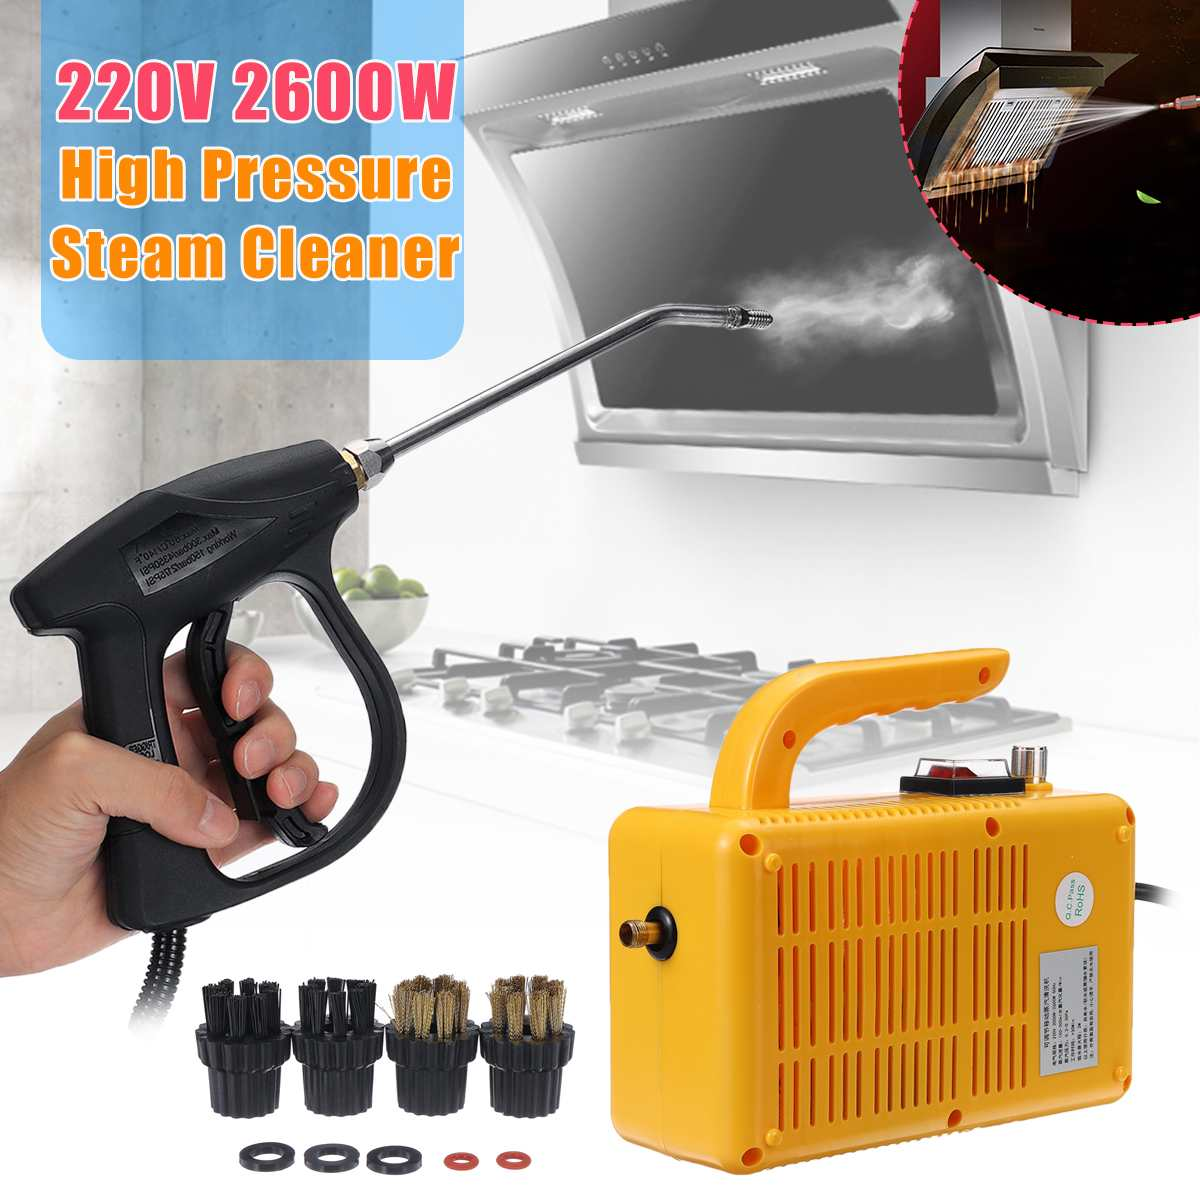 Пароочиститель 220В 2600 Вт высокого давления портативный Электрический пароочиститель бытовой очиститель насосная стерилизация